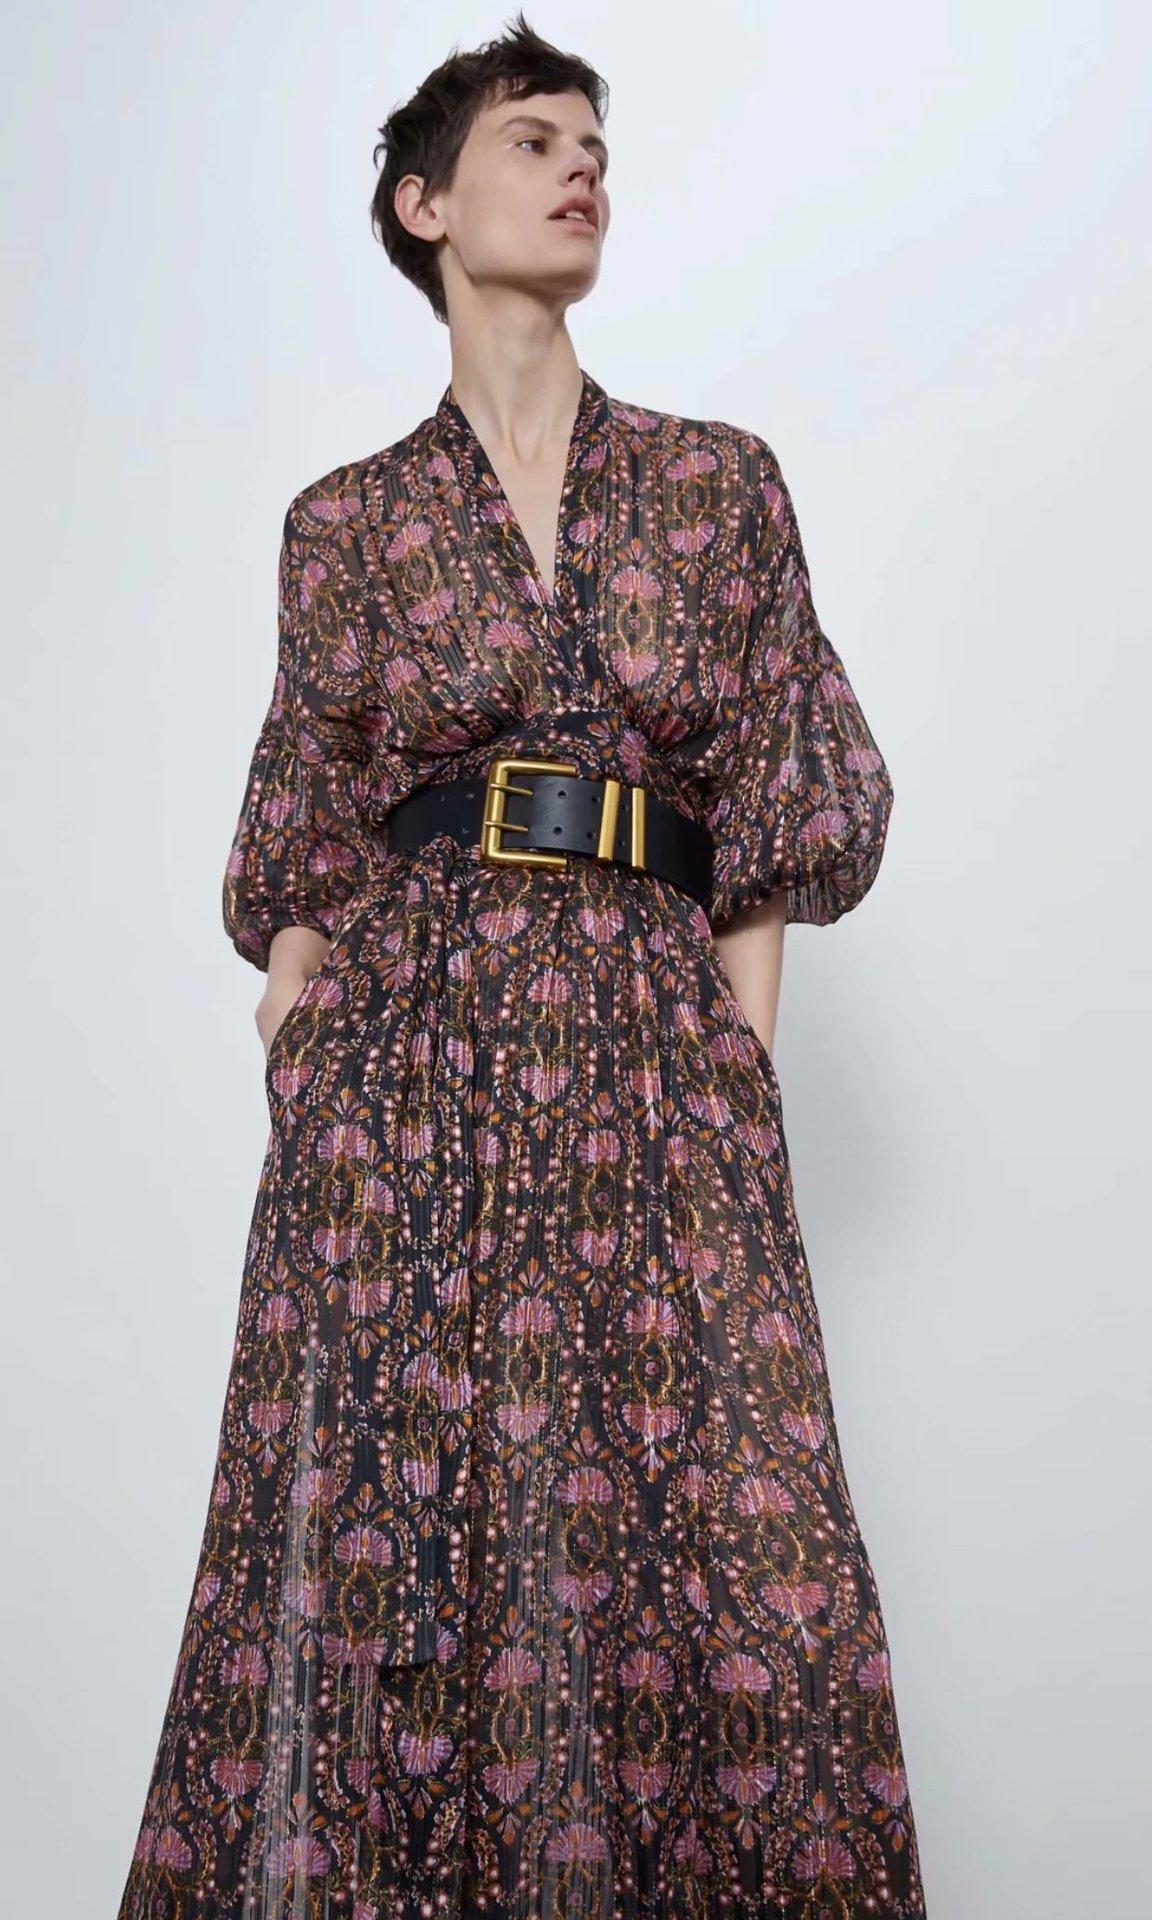 Где купить Женское платье с цветочным принтом zaraing vadiming sheining, Новинка весна-лето 2020